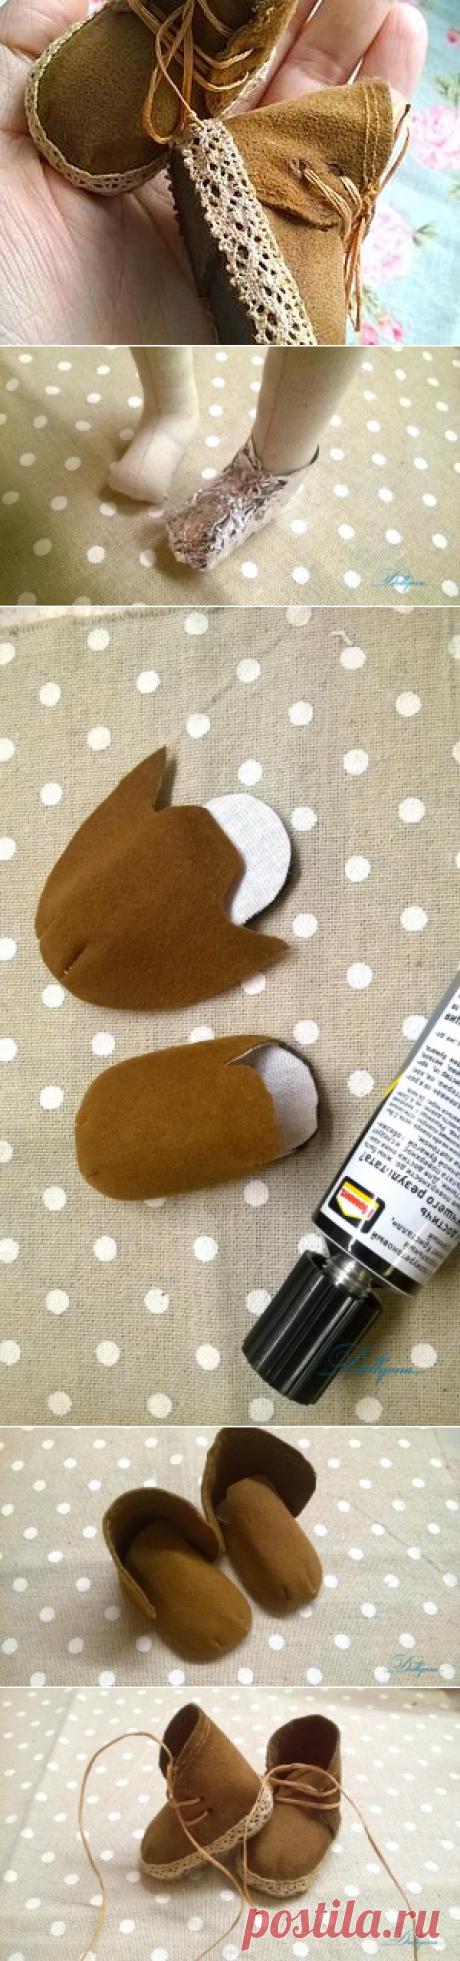 Создаем обувку для куколки - Ярмарка Мастеров - ручная работа, handmade